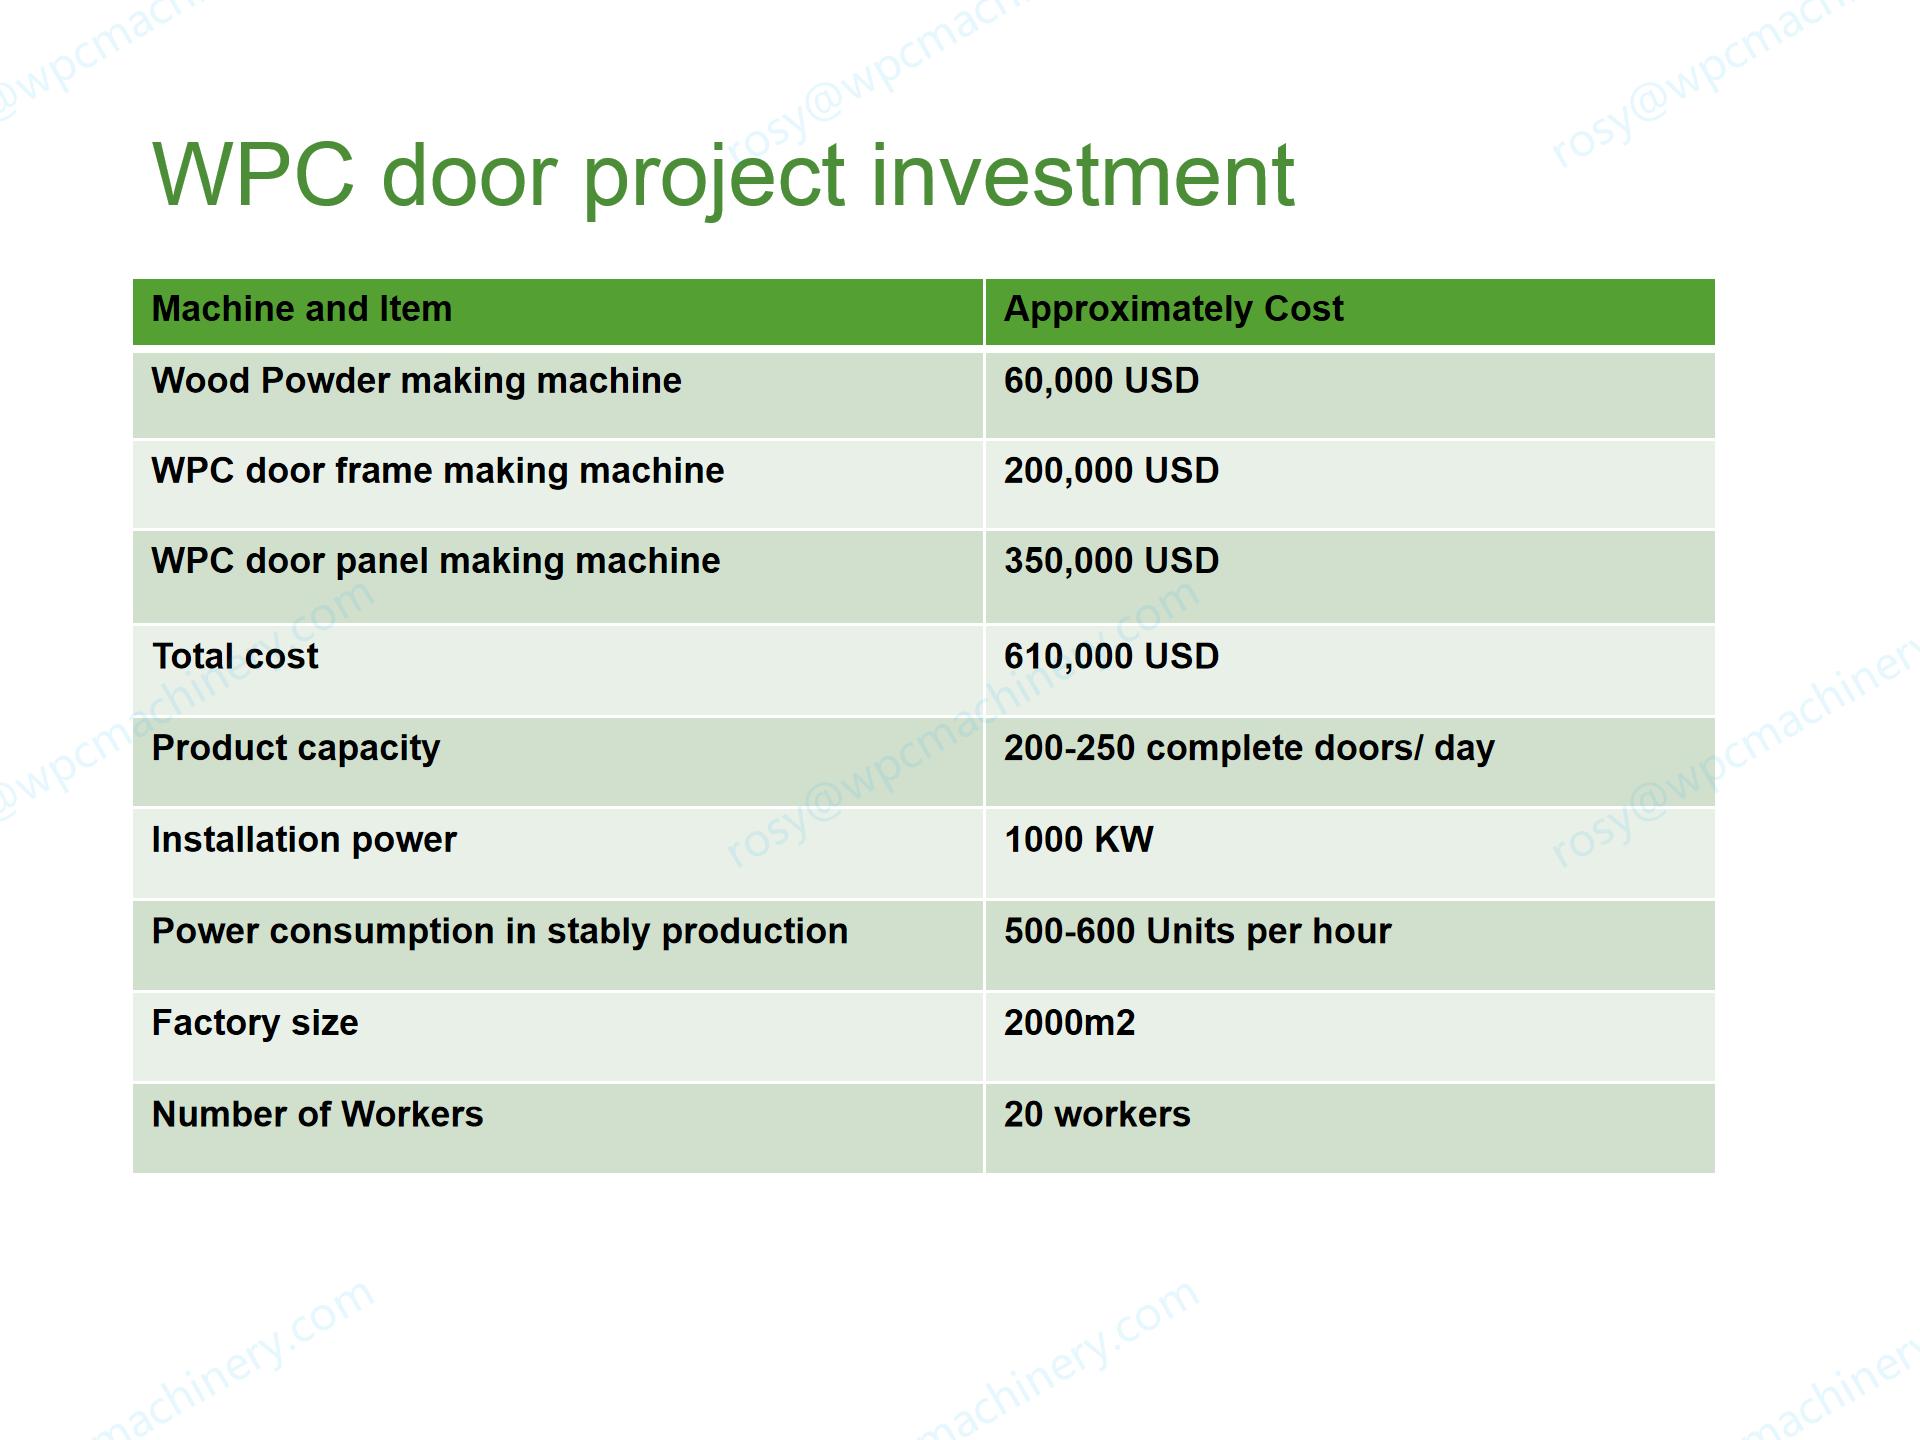 wpc door project cost